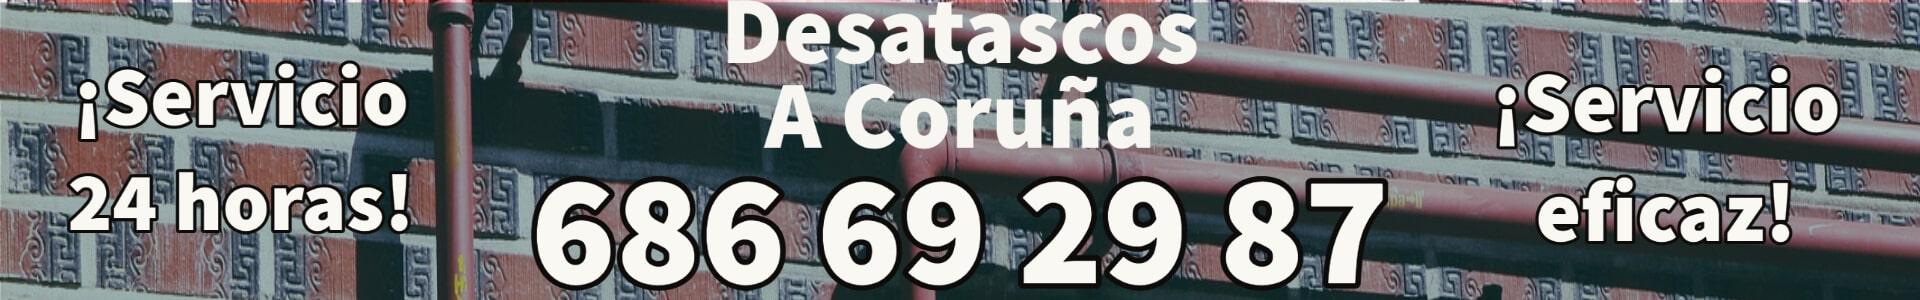 Desatascos A Coruña